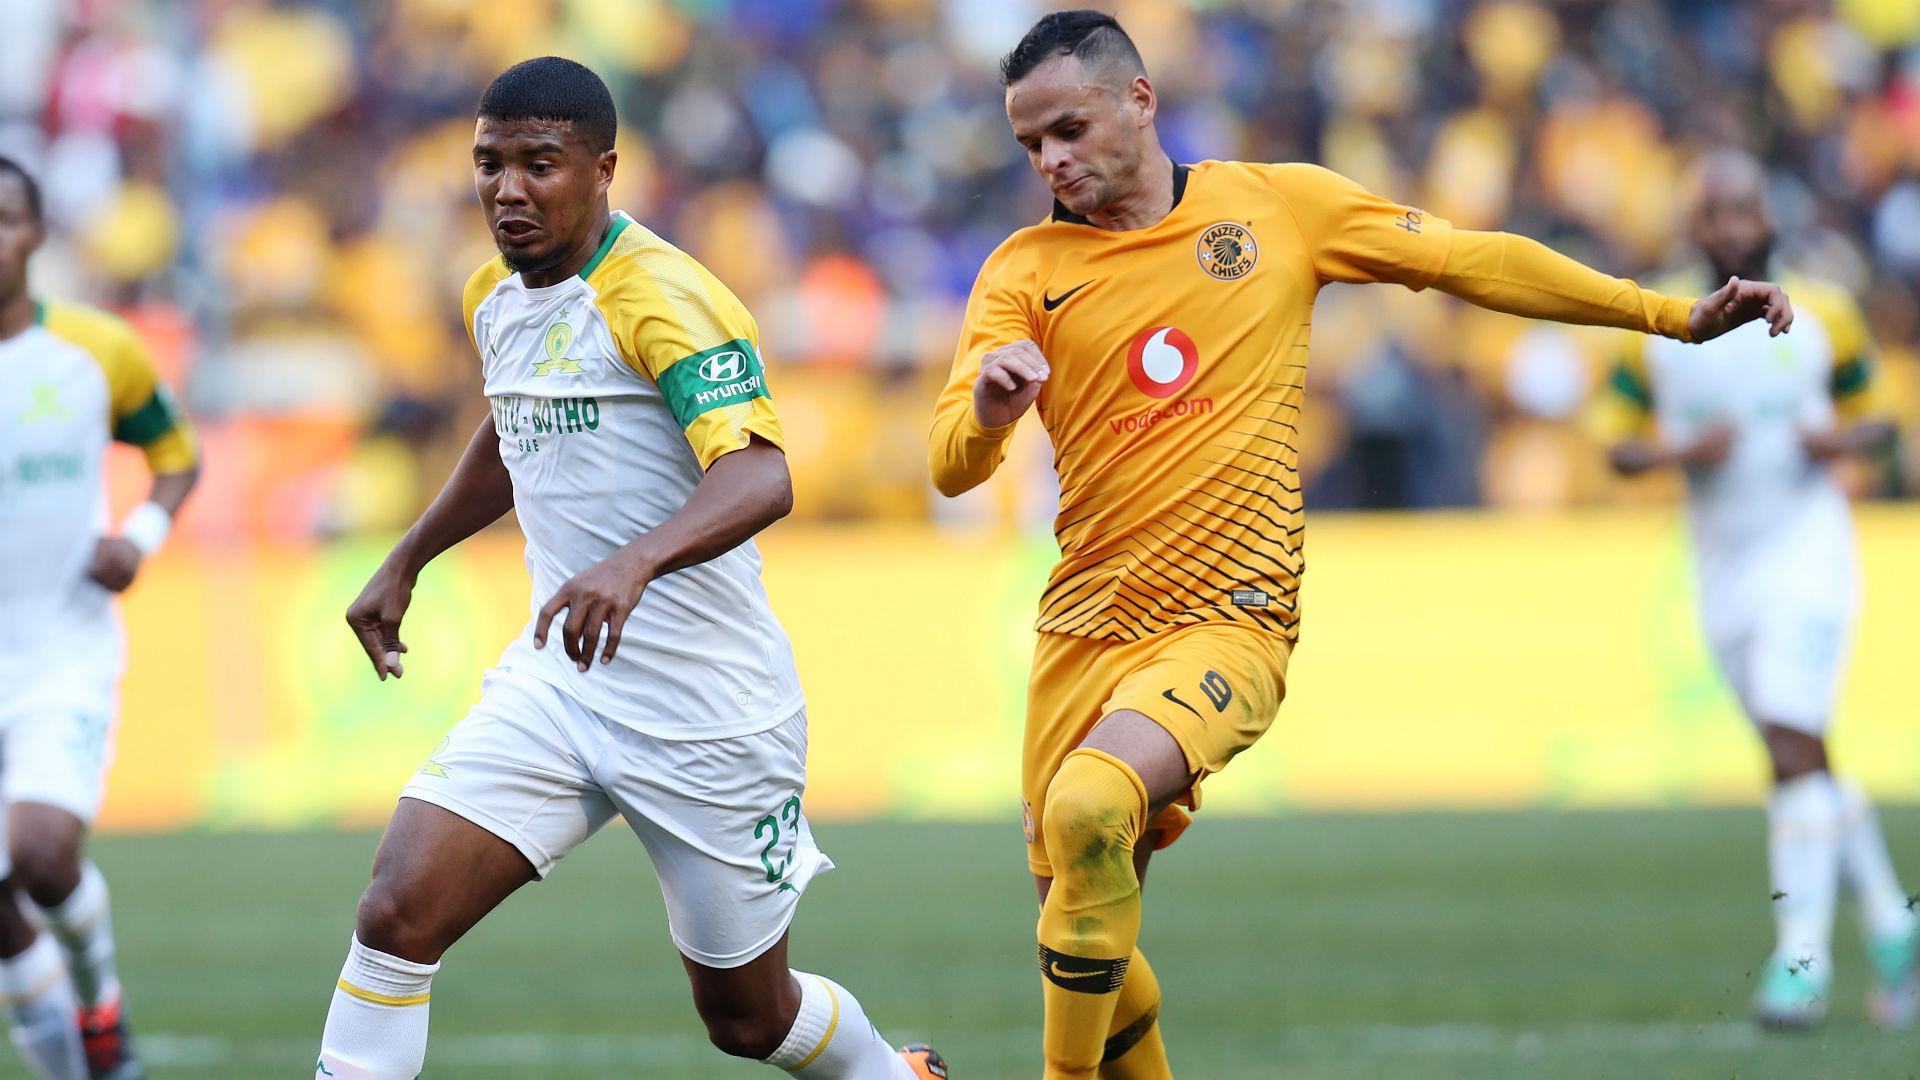 Lyle Lakay, Mamelodi Sundowns & Gustavo Paez, Kaizer Chiefs, July 2018